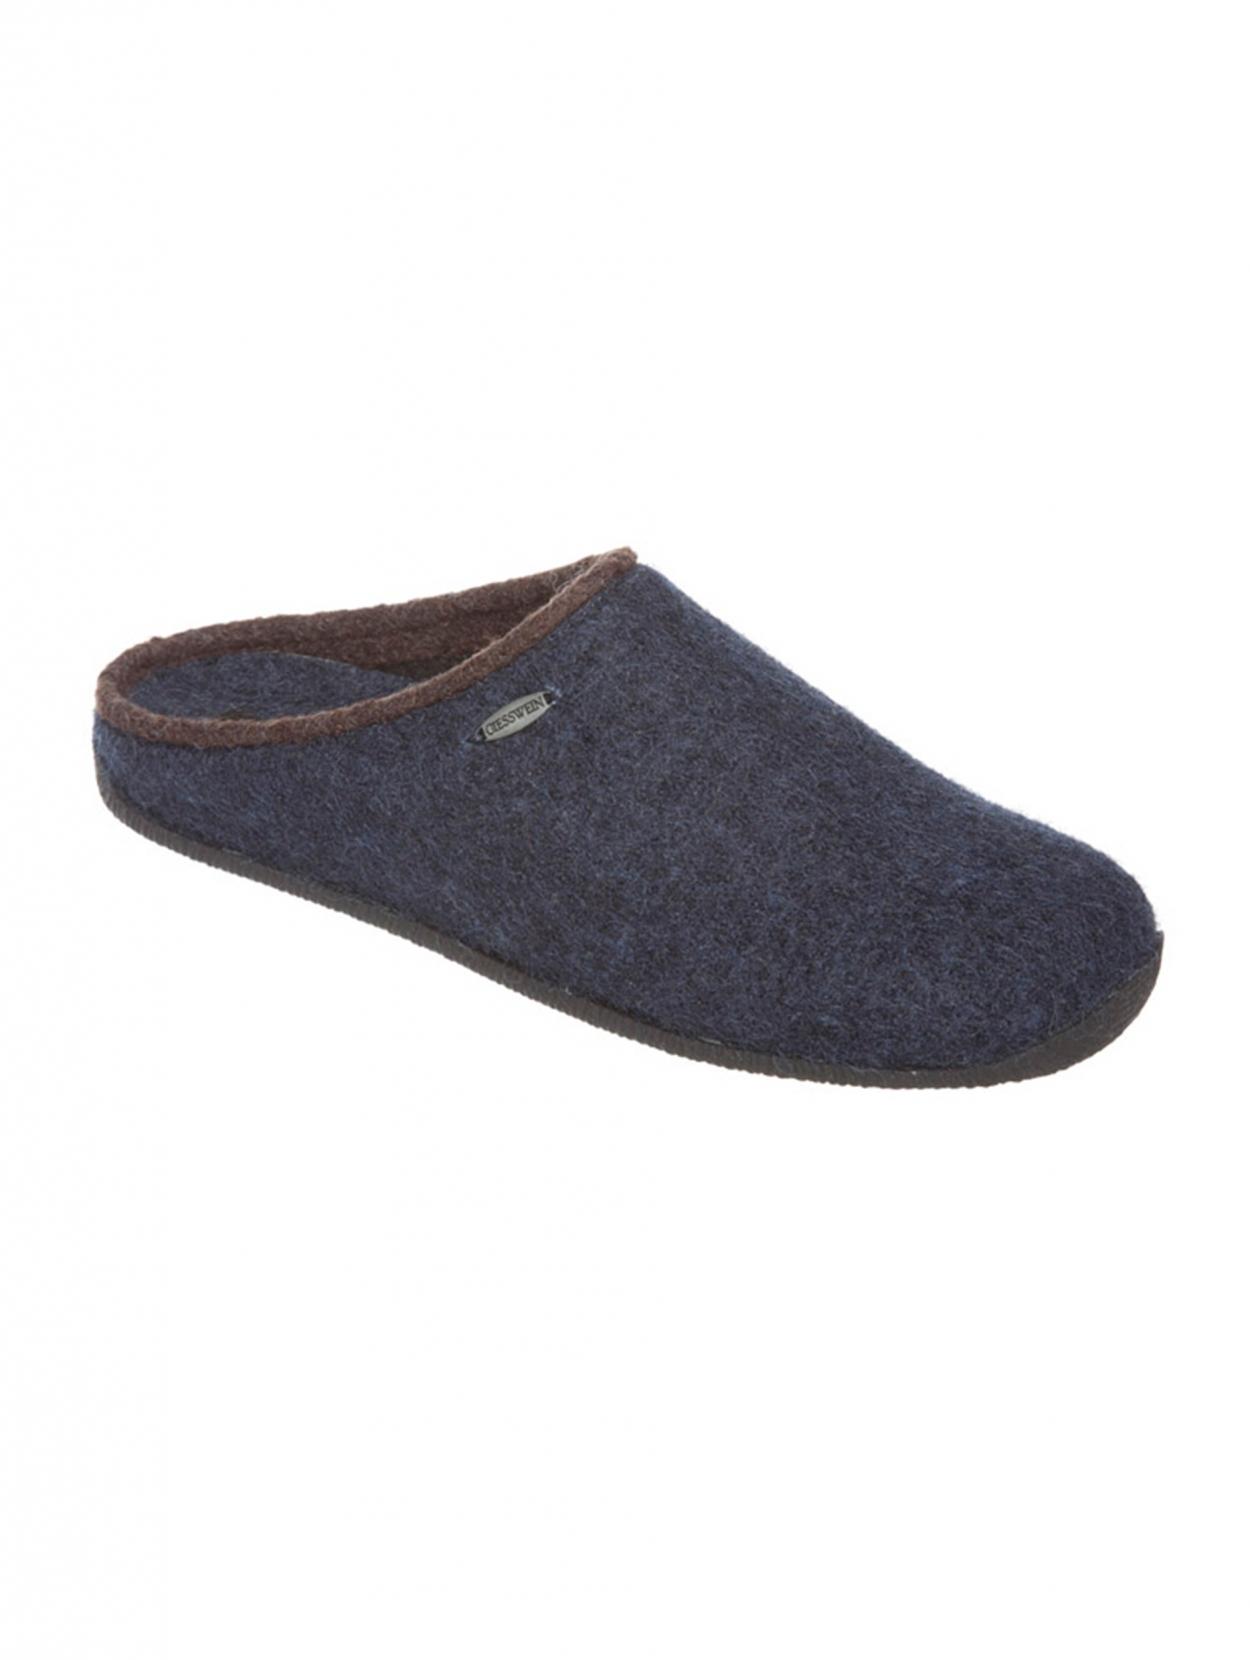 Chaussures Maison Chaude Chaussettes Pantoufle En Laine À Carreaux - Blanc, Taille 45